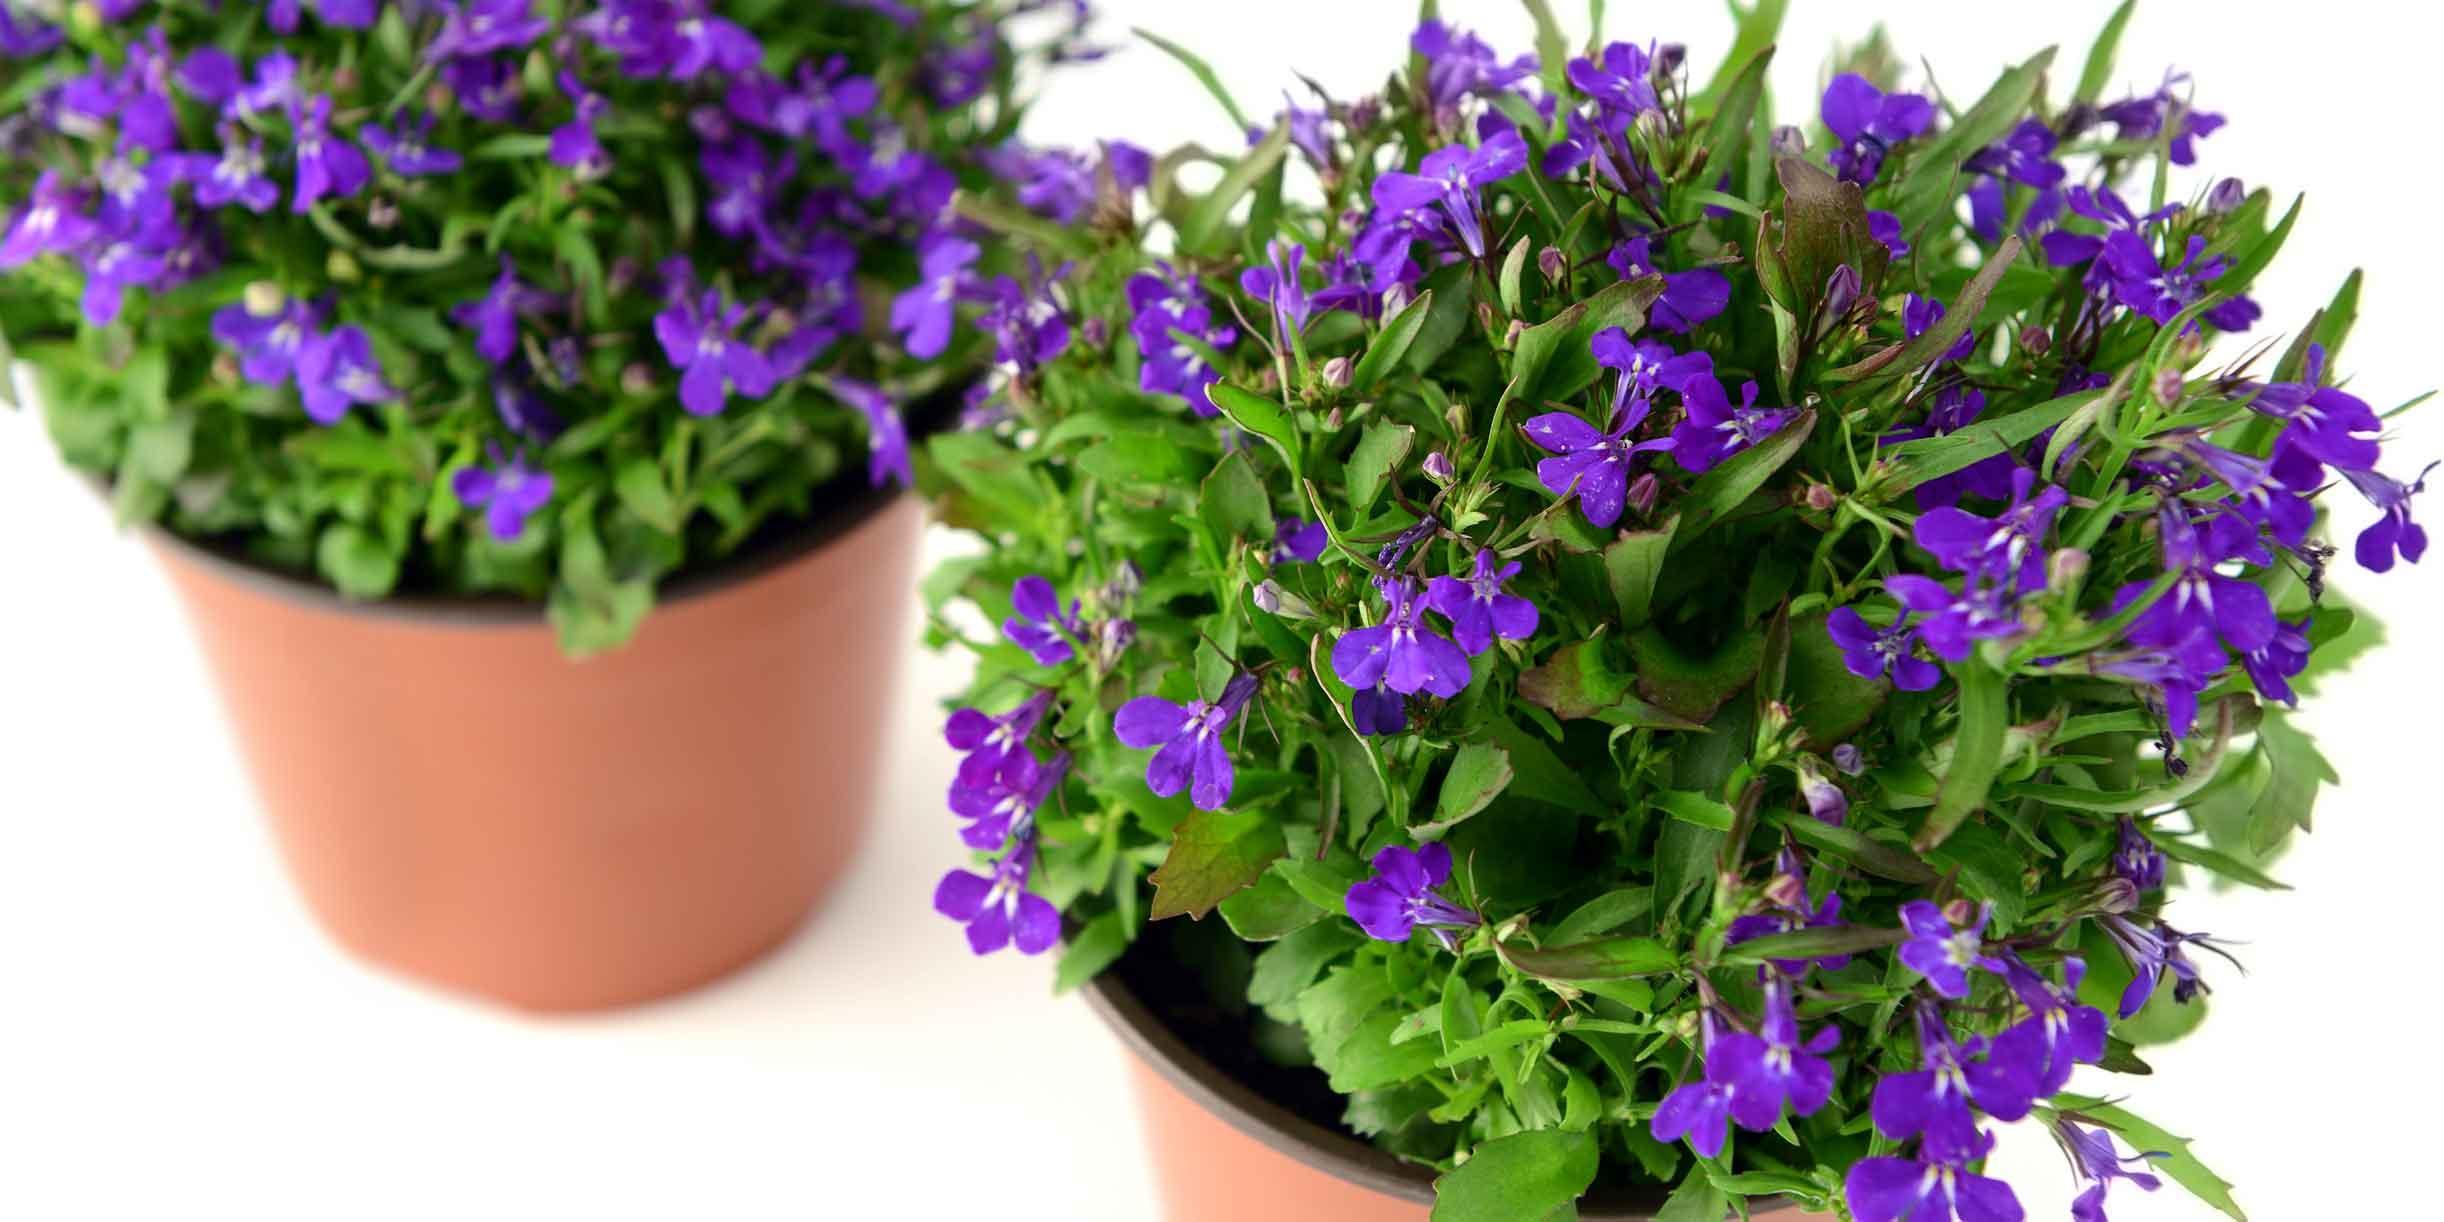 Fiori Da Balcone Ombra le piante fiorite per il balcone all'ombra in estate - cose